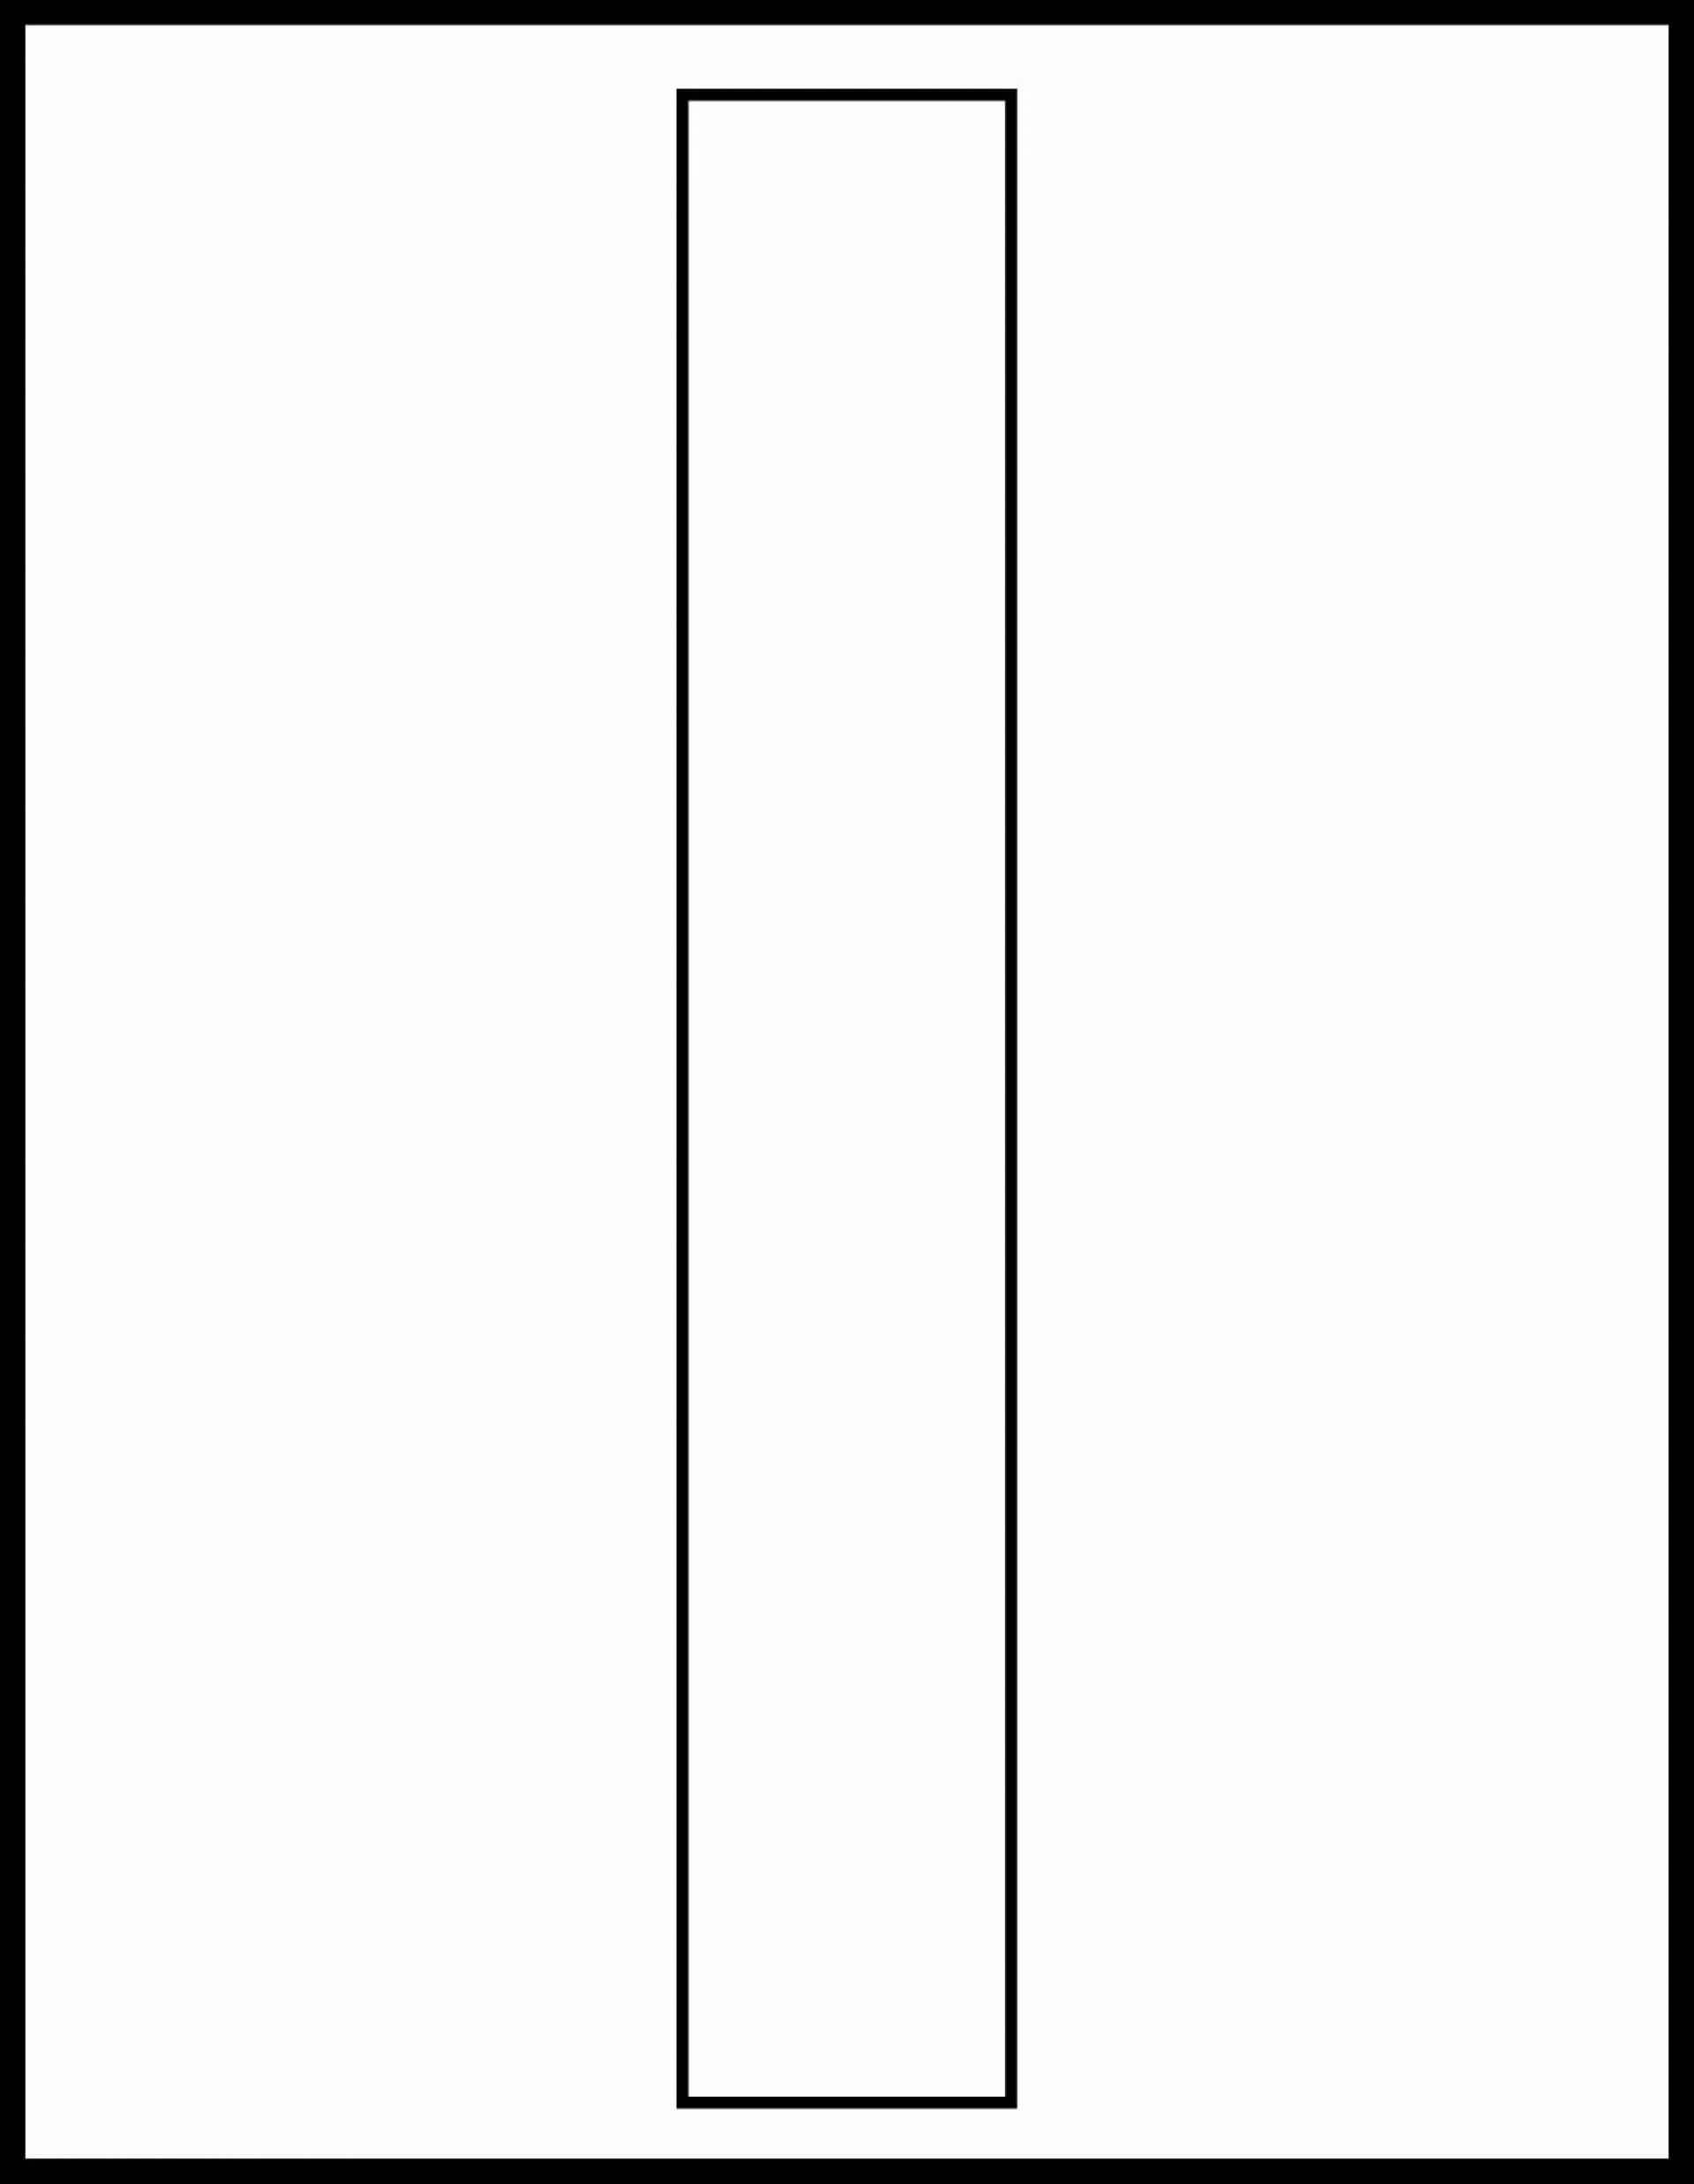 001 Template Ideas Binder Spine Inch Singular 1 Word Avery Regarding Binder Spine Template Word